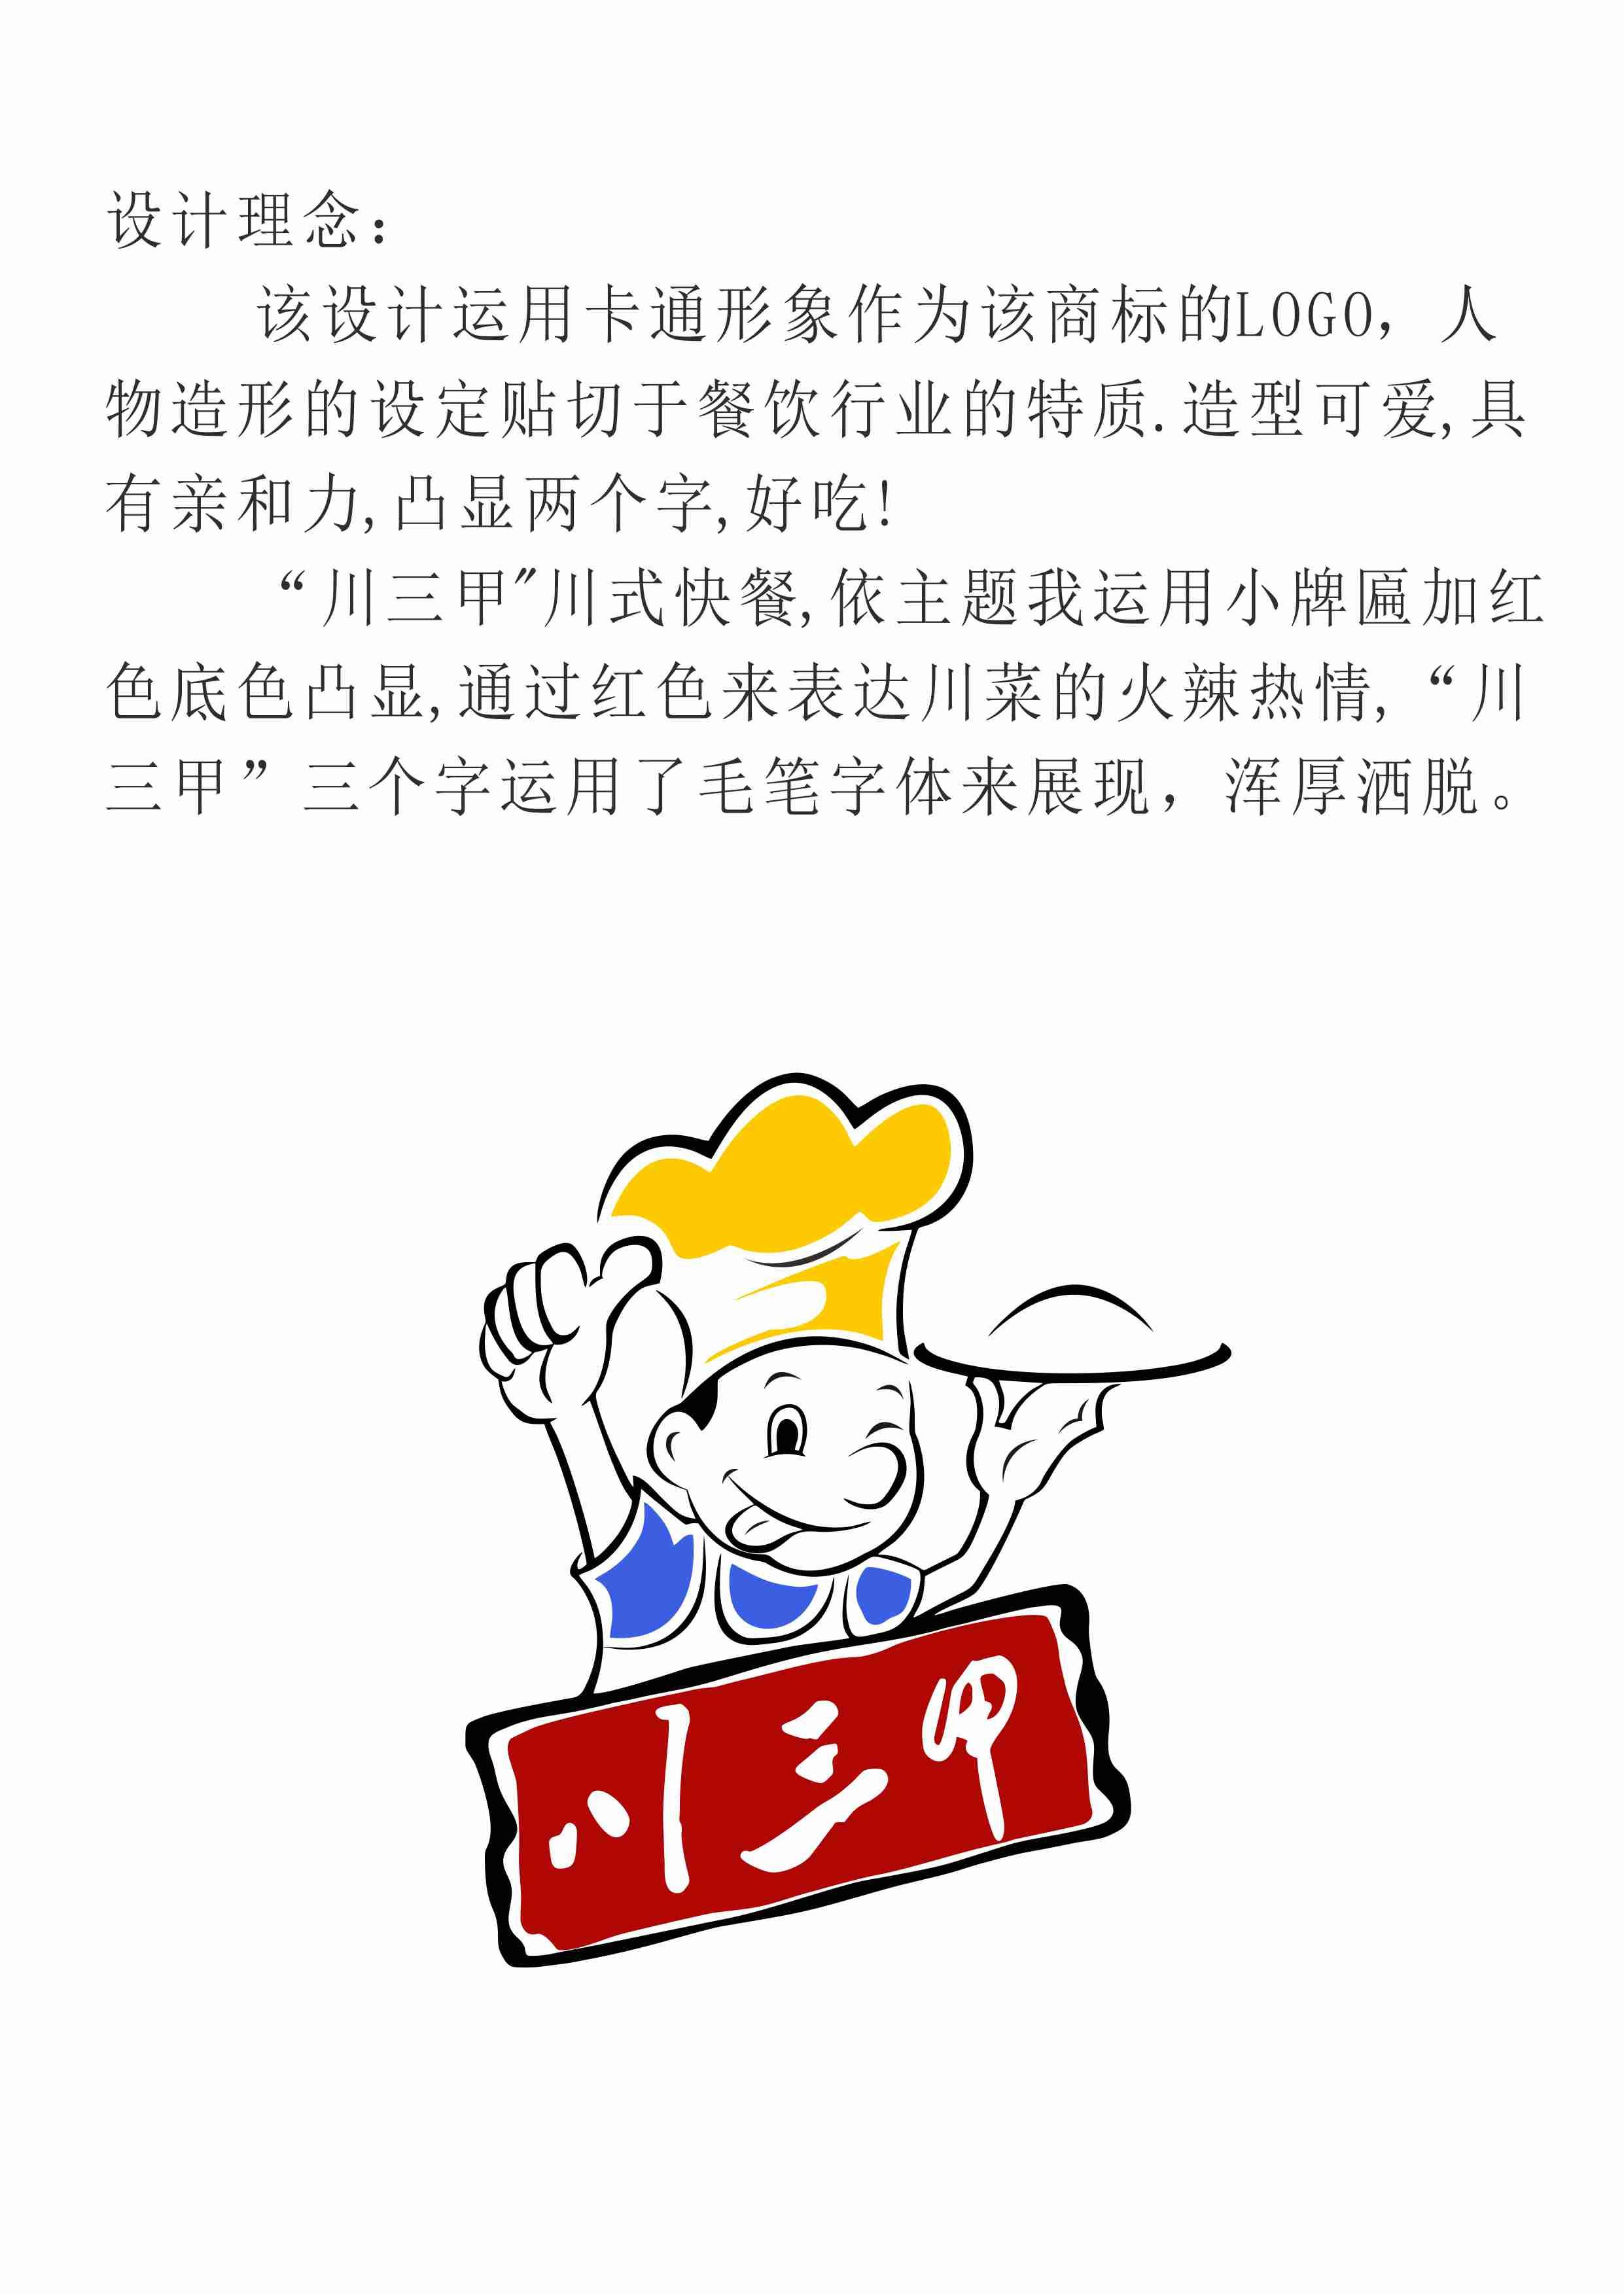 川菜餐饮行业logo设计